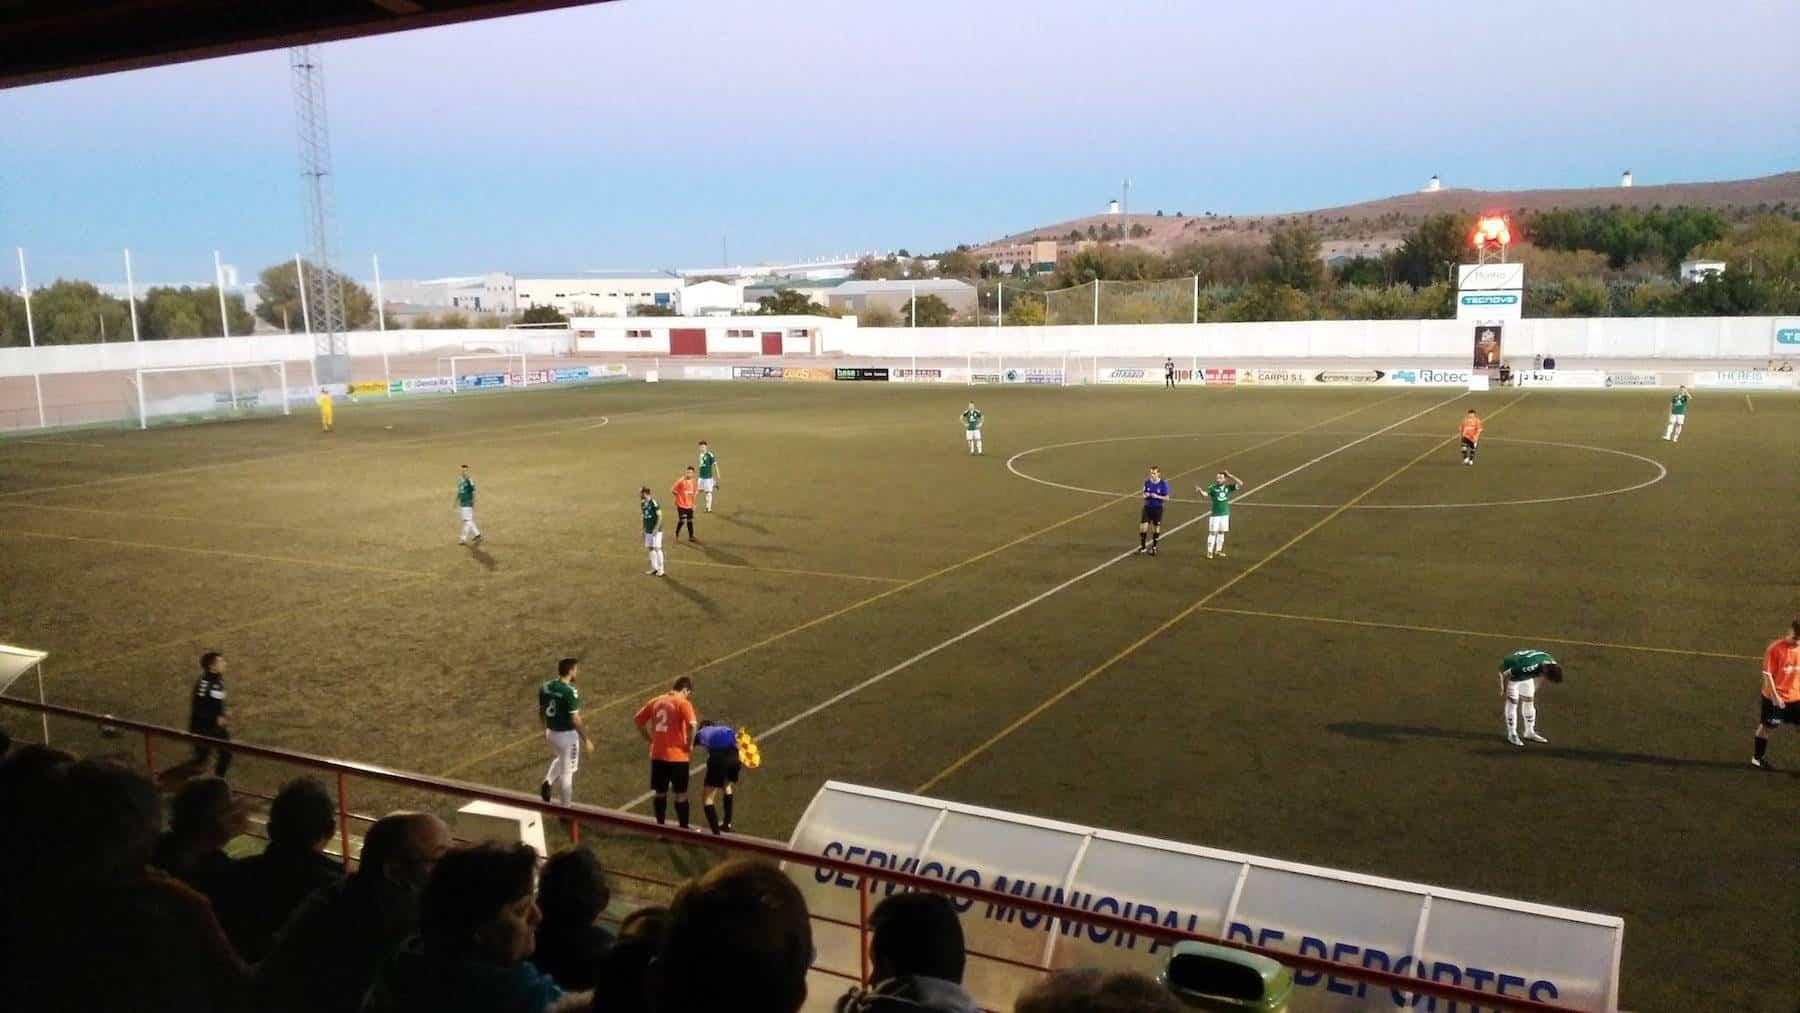 herencia cf los llanos futbol 1 - Herencia CF superó a Los Llanos en un partido con resultado 2-0